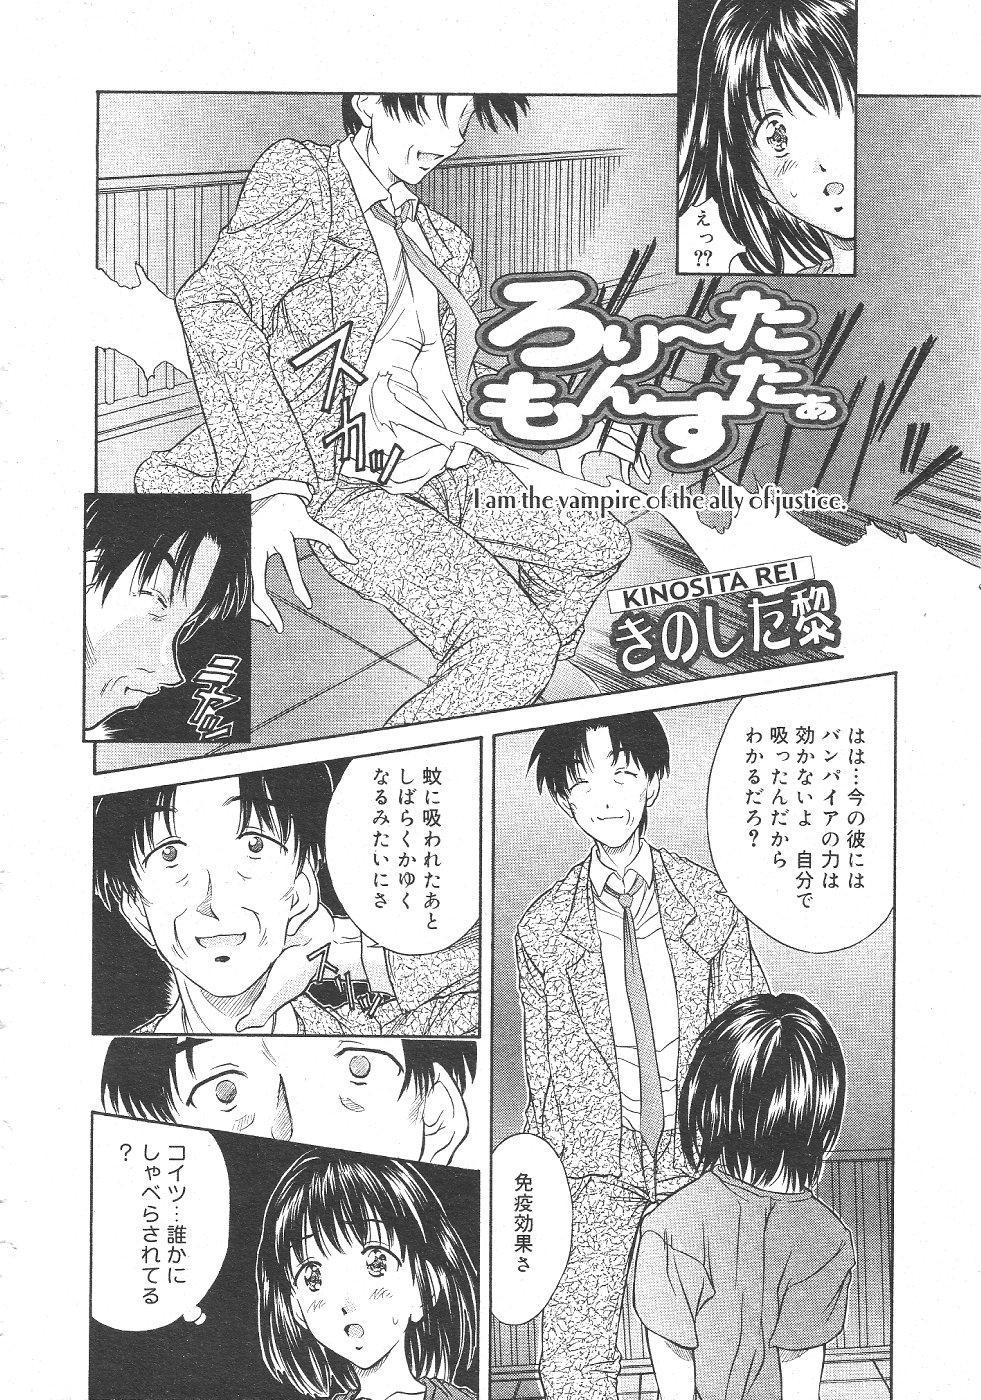 Gekkan Comic Muga 2004-06 Vol.10 113